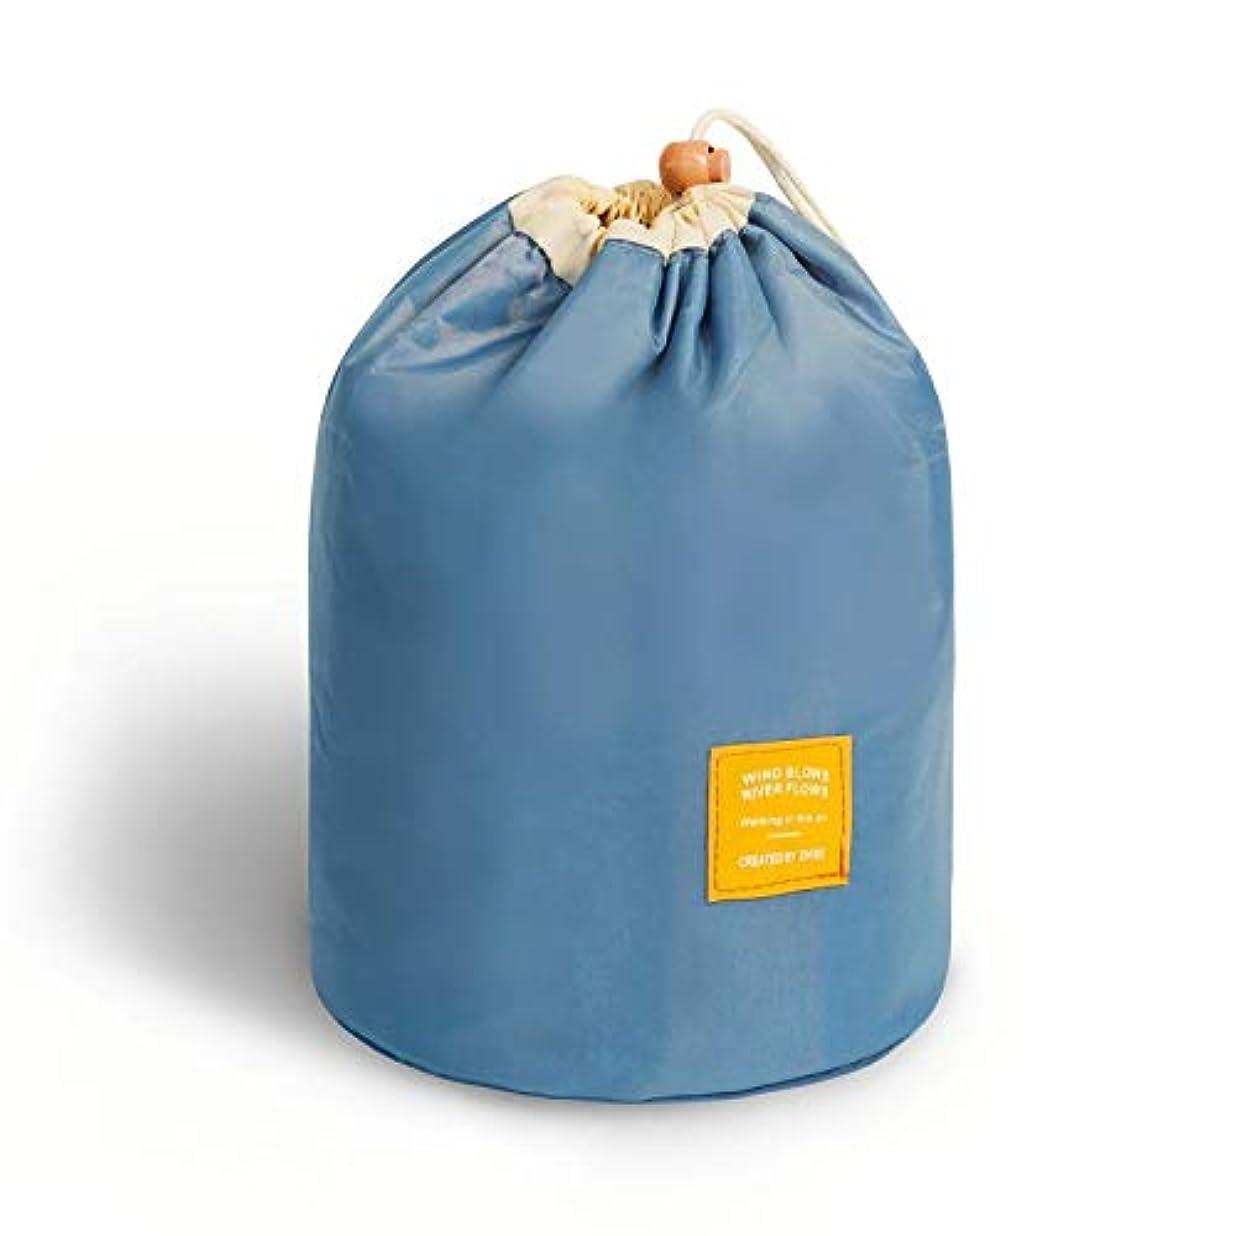 適度な否定する在庫巾着袋 大容量 防水 防塵 化粧ポーチ 収納 コップ袋 円筒 ミニポーチ+PVCブラシバッグ付き (ブルー)